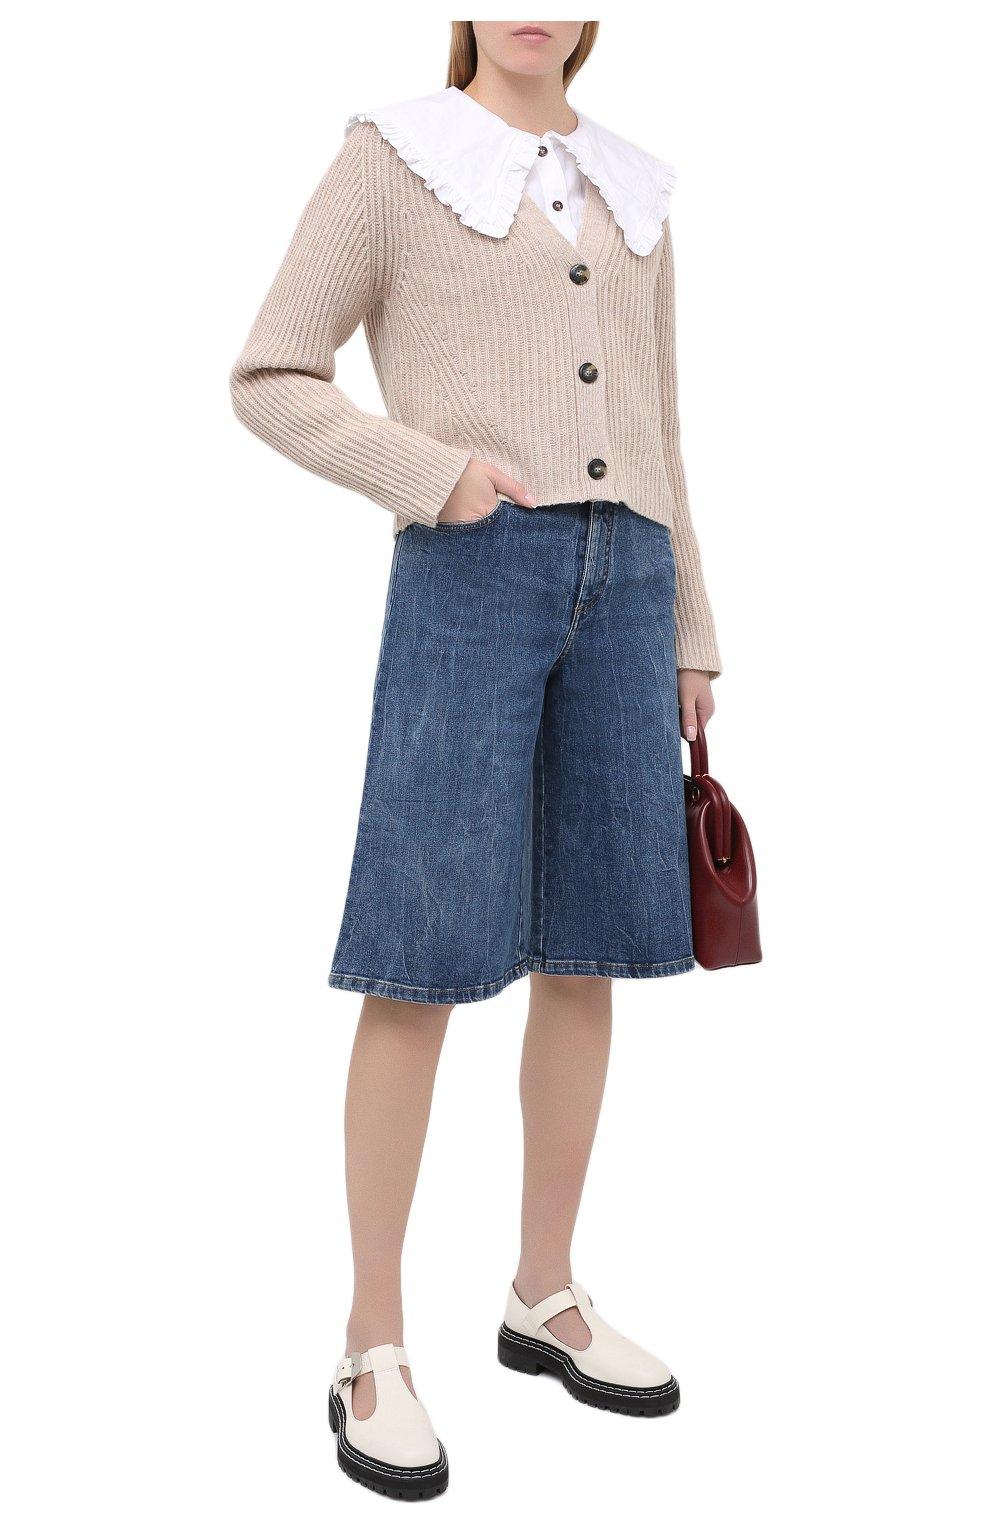 Женские джинсовые шорты STELLA MCCARTNEY синего цвета, арт. 601800/S0H02   Фото 2 (Женское Кросс-КТ: Шорты-одежда; Кросс-КТ: Деним, Широкие; Материал внешний: Хлопок; Длина Ж (юбки, платья, шорты): Миди; Стили: Кэжуэл)